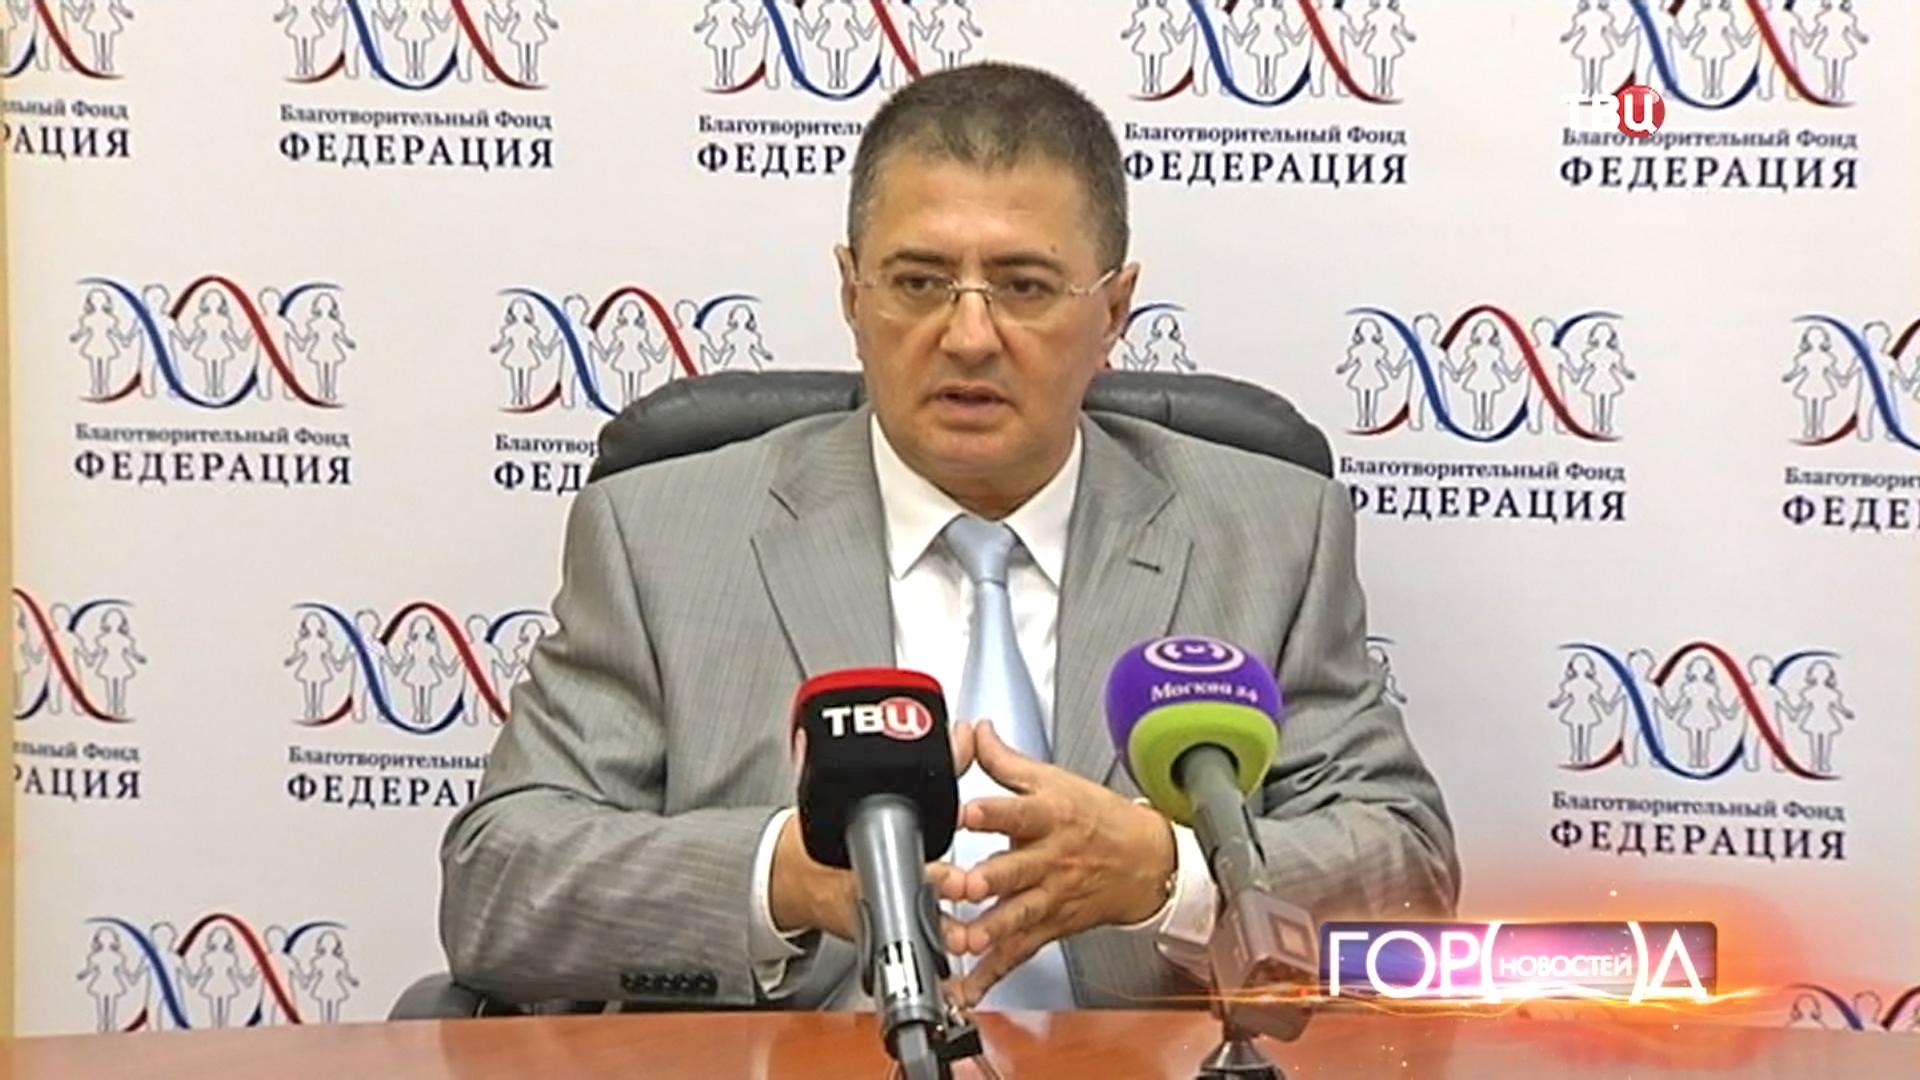 Главный врач ГКБ №71 Александр Мясников